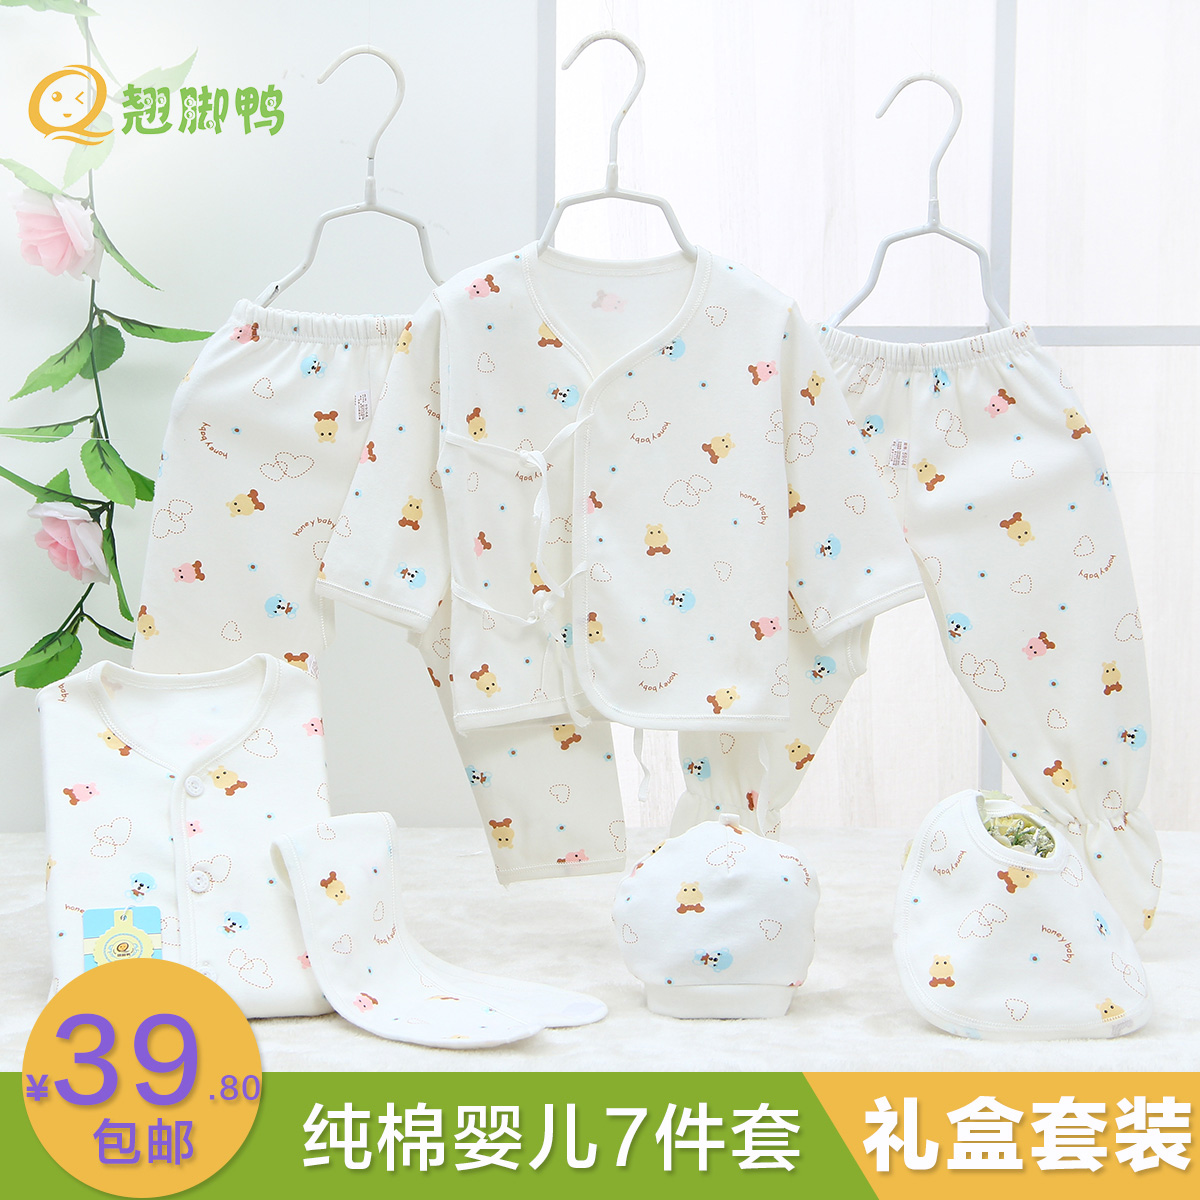 新生儿衣服礼盒纯棉7件套装春秋初生儿男女宝宝婴儿满月用品礼物